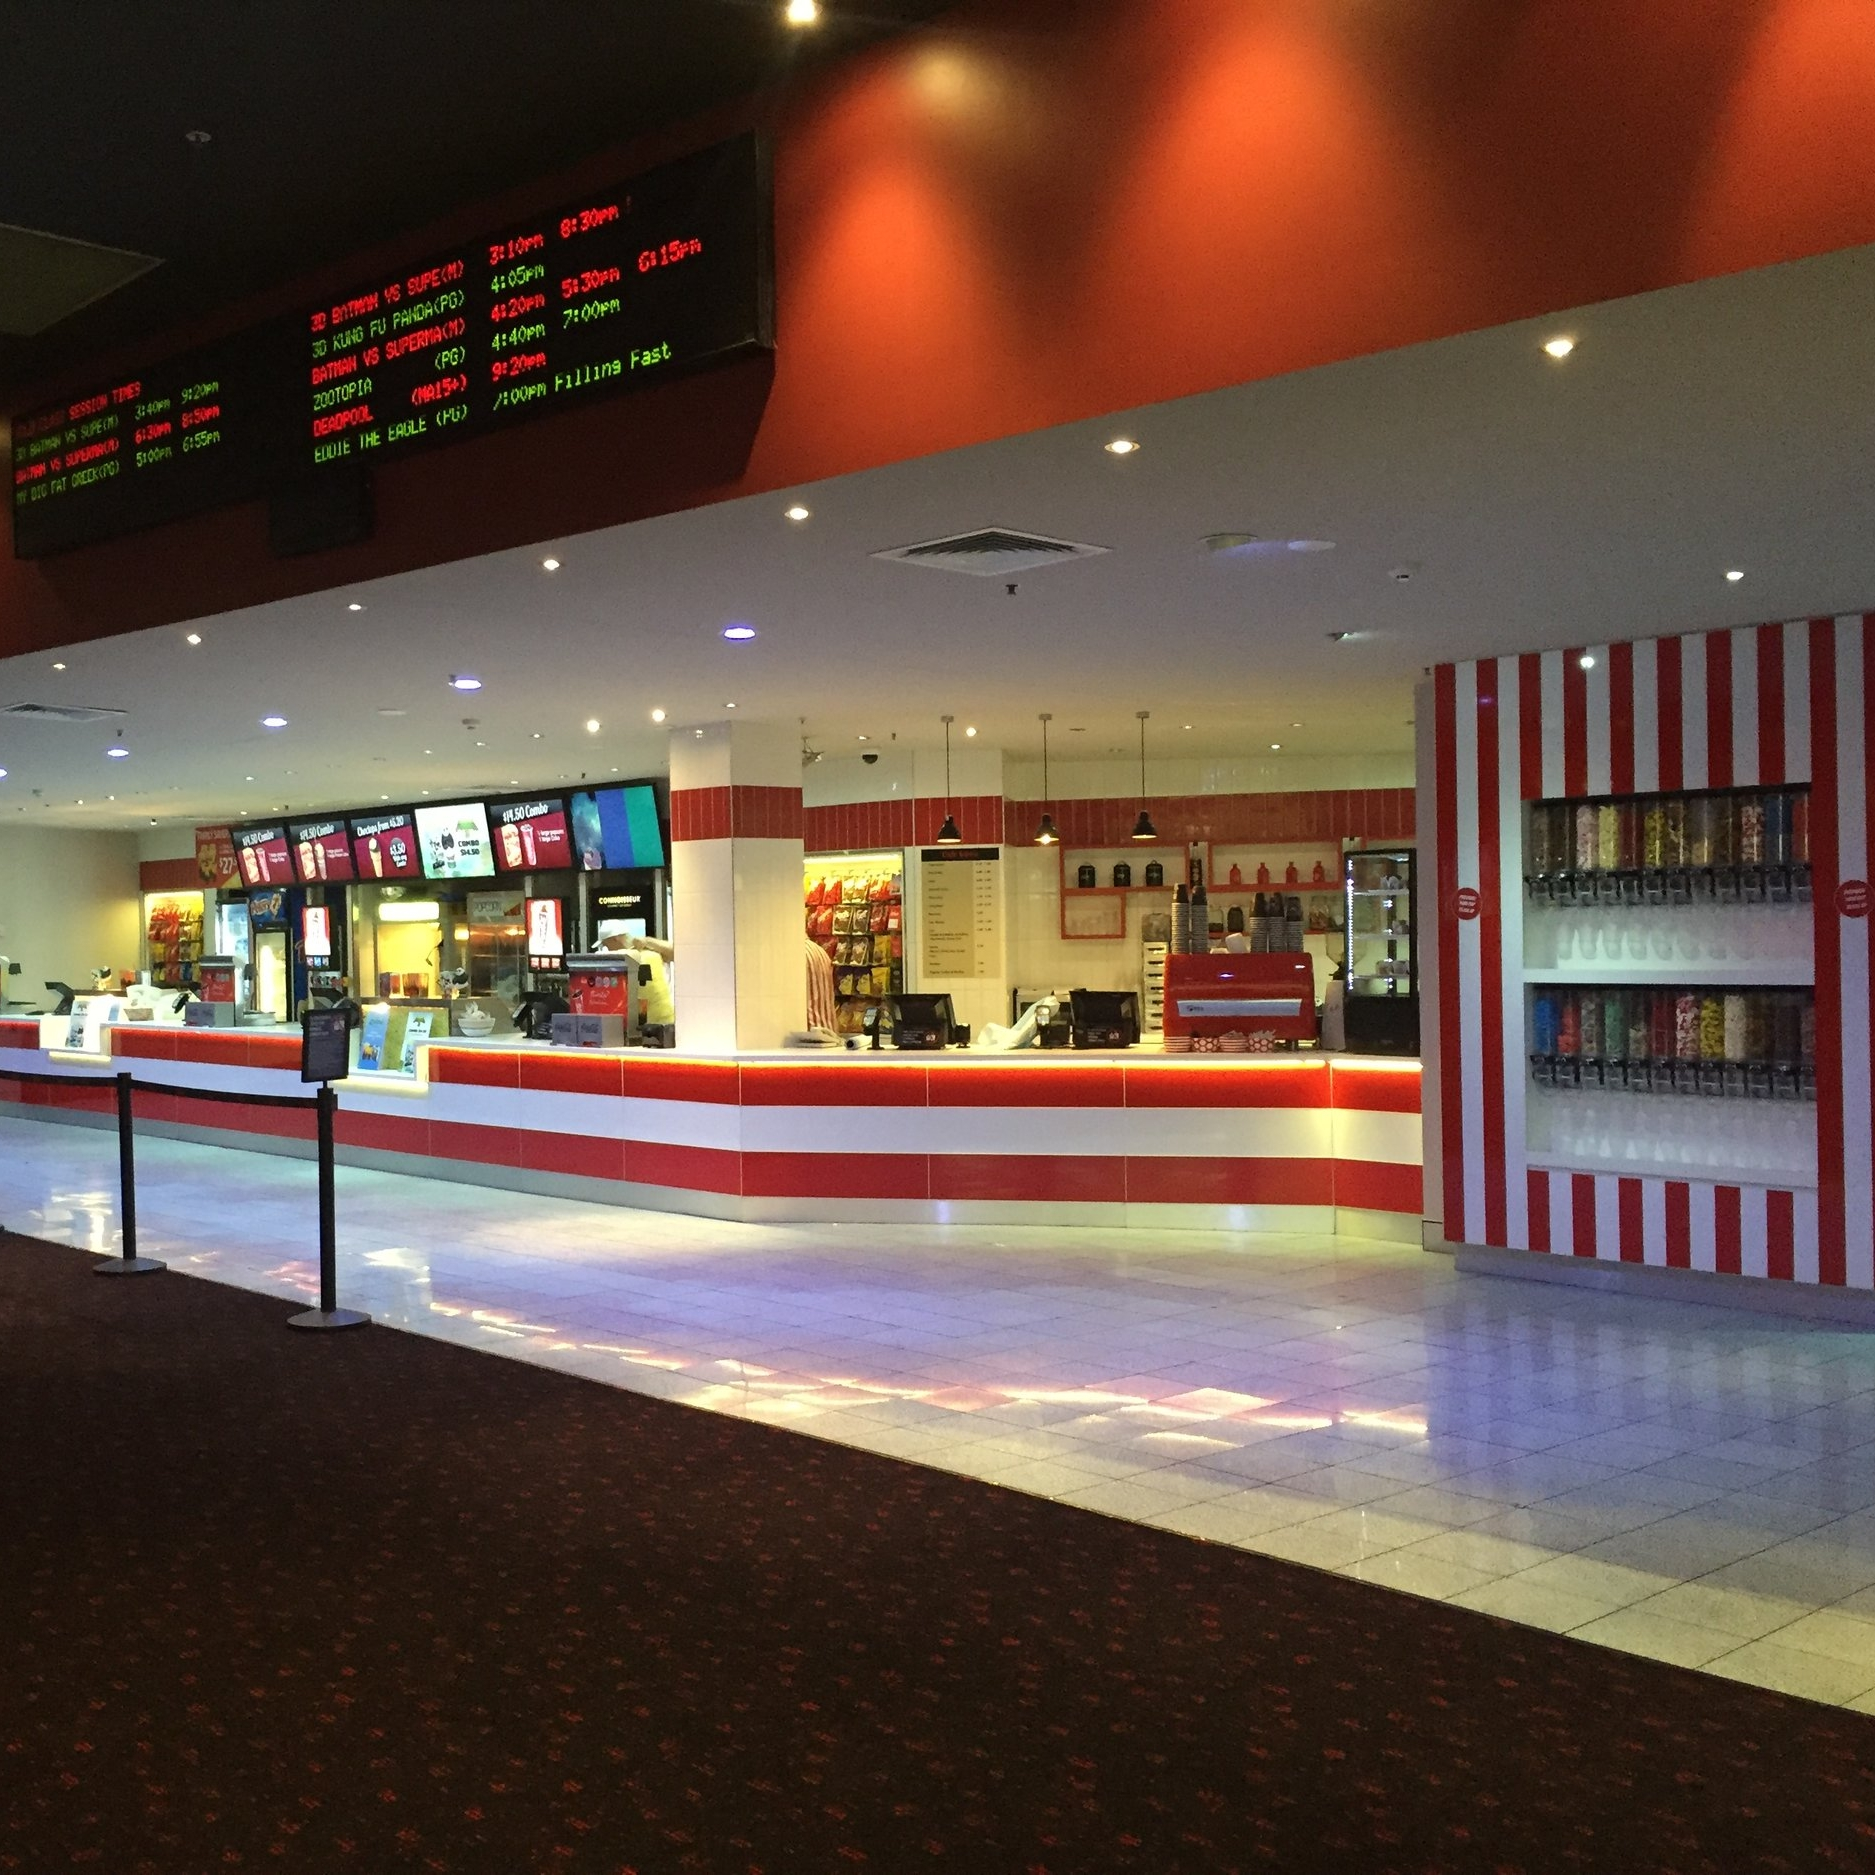 Australia FairEvent Cinemas - REFURBISHMENT